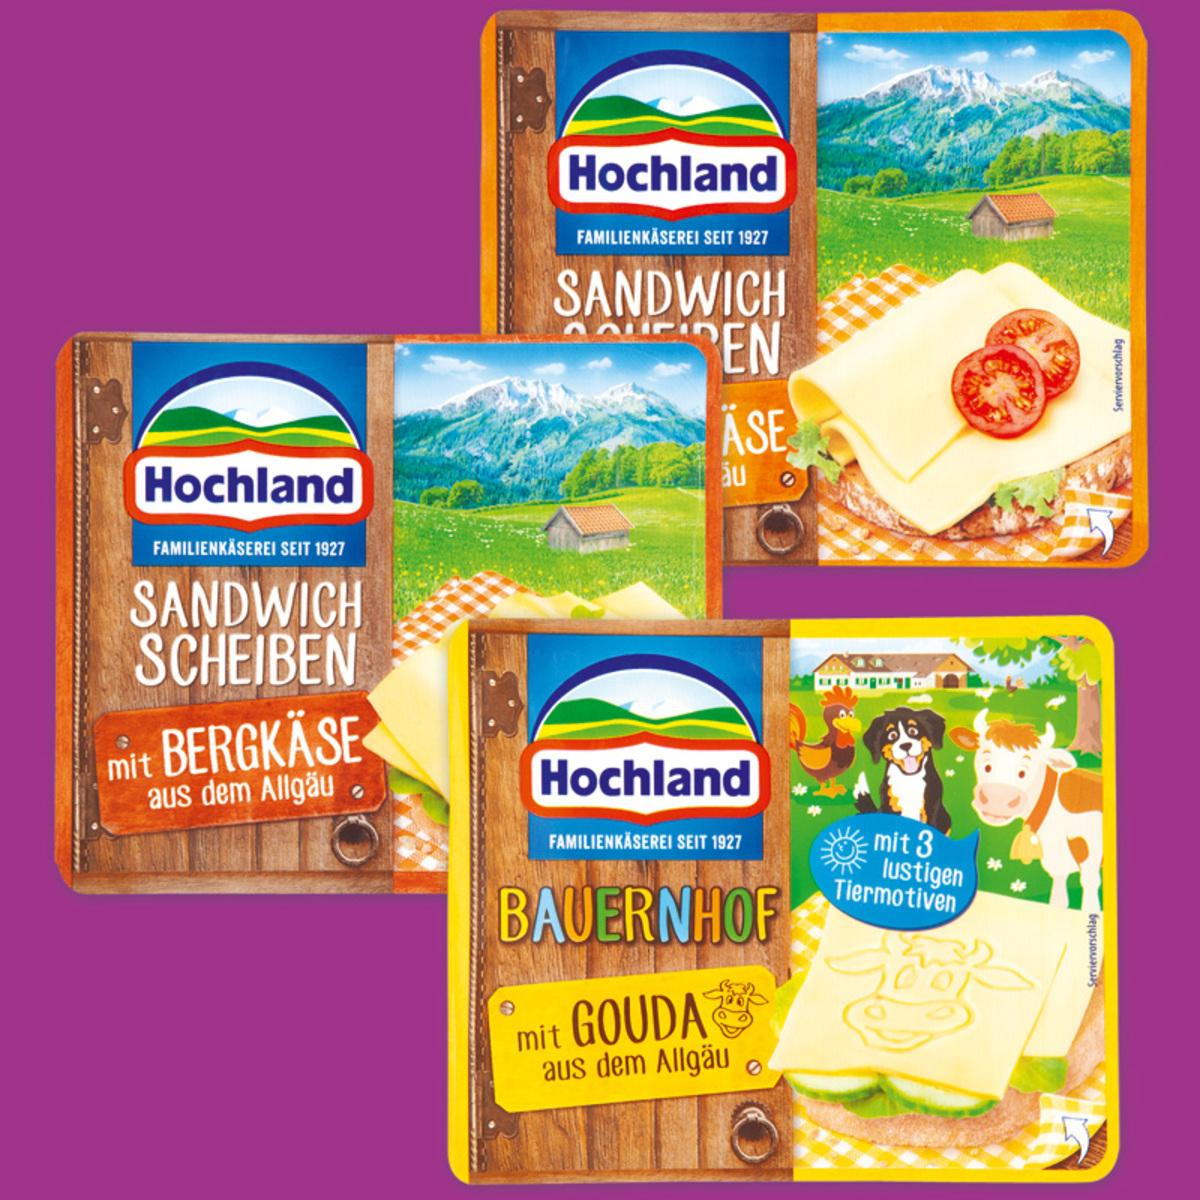 Bild 1 von Hochland Sandwichscheiben aus dem Allgäu